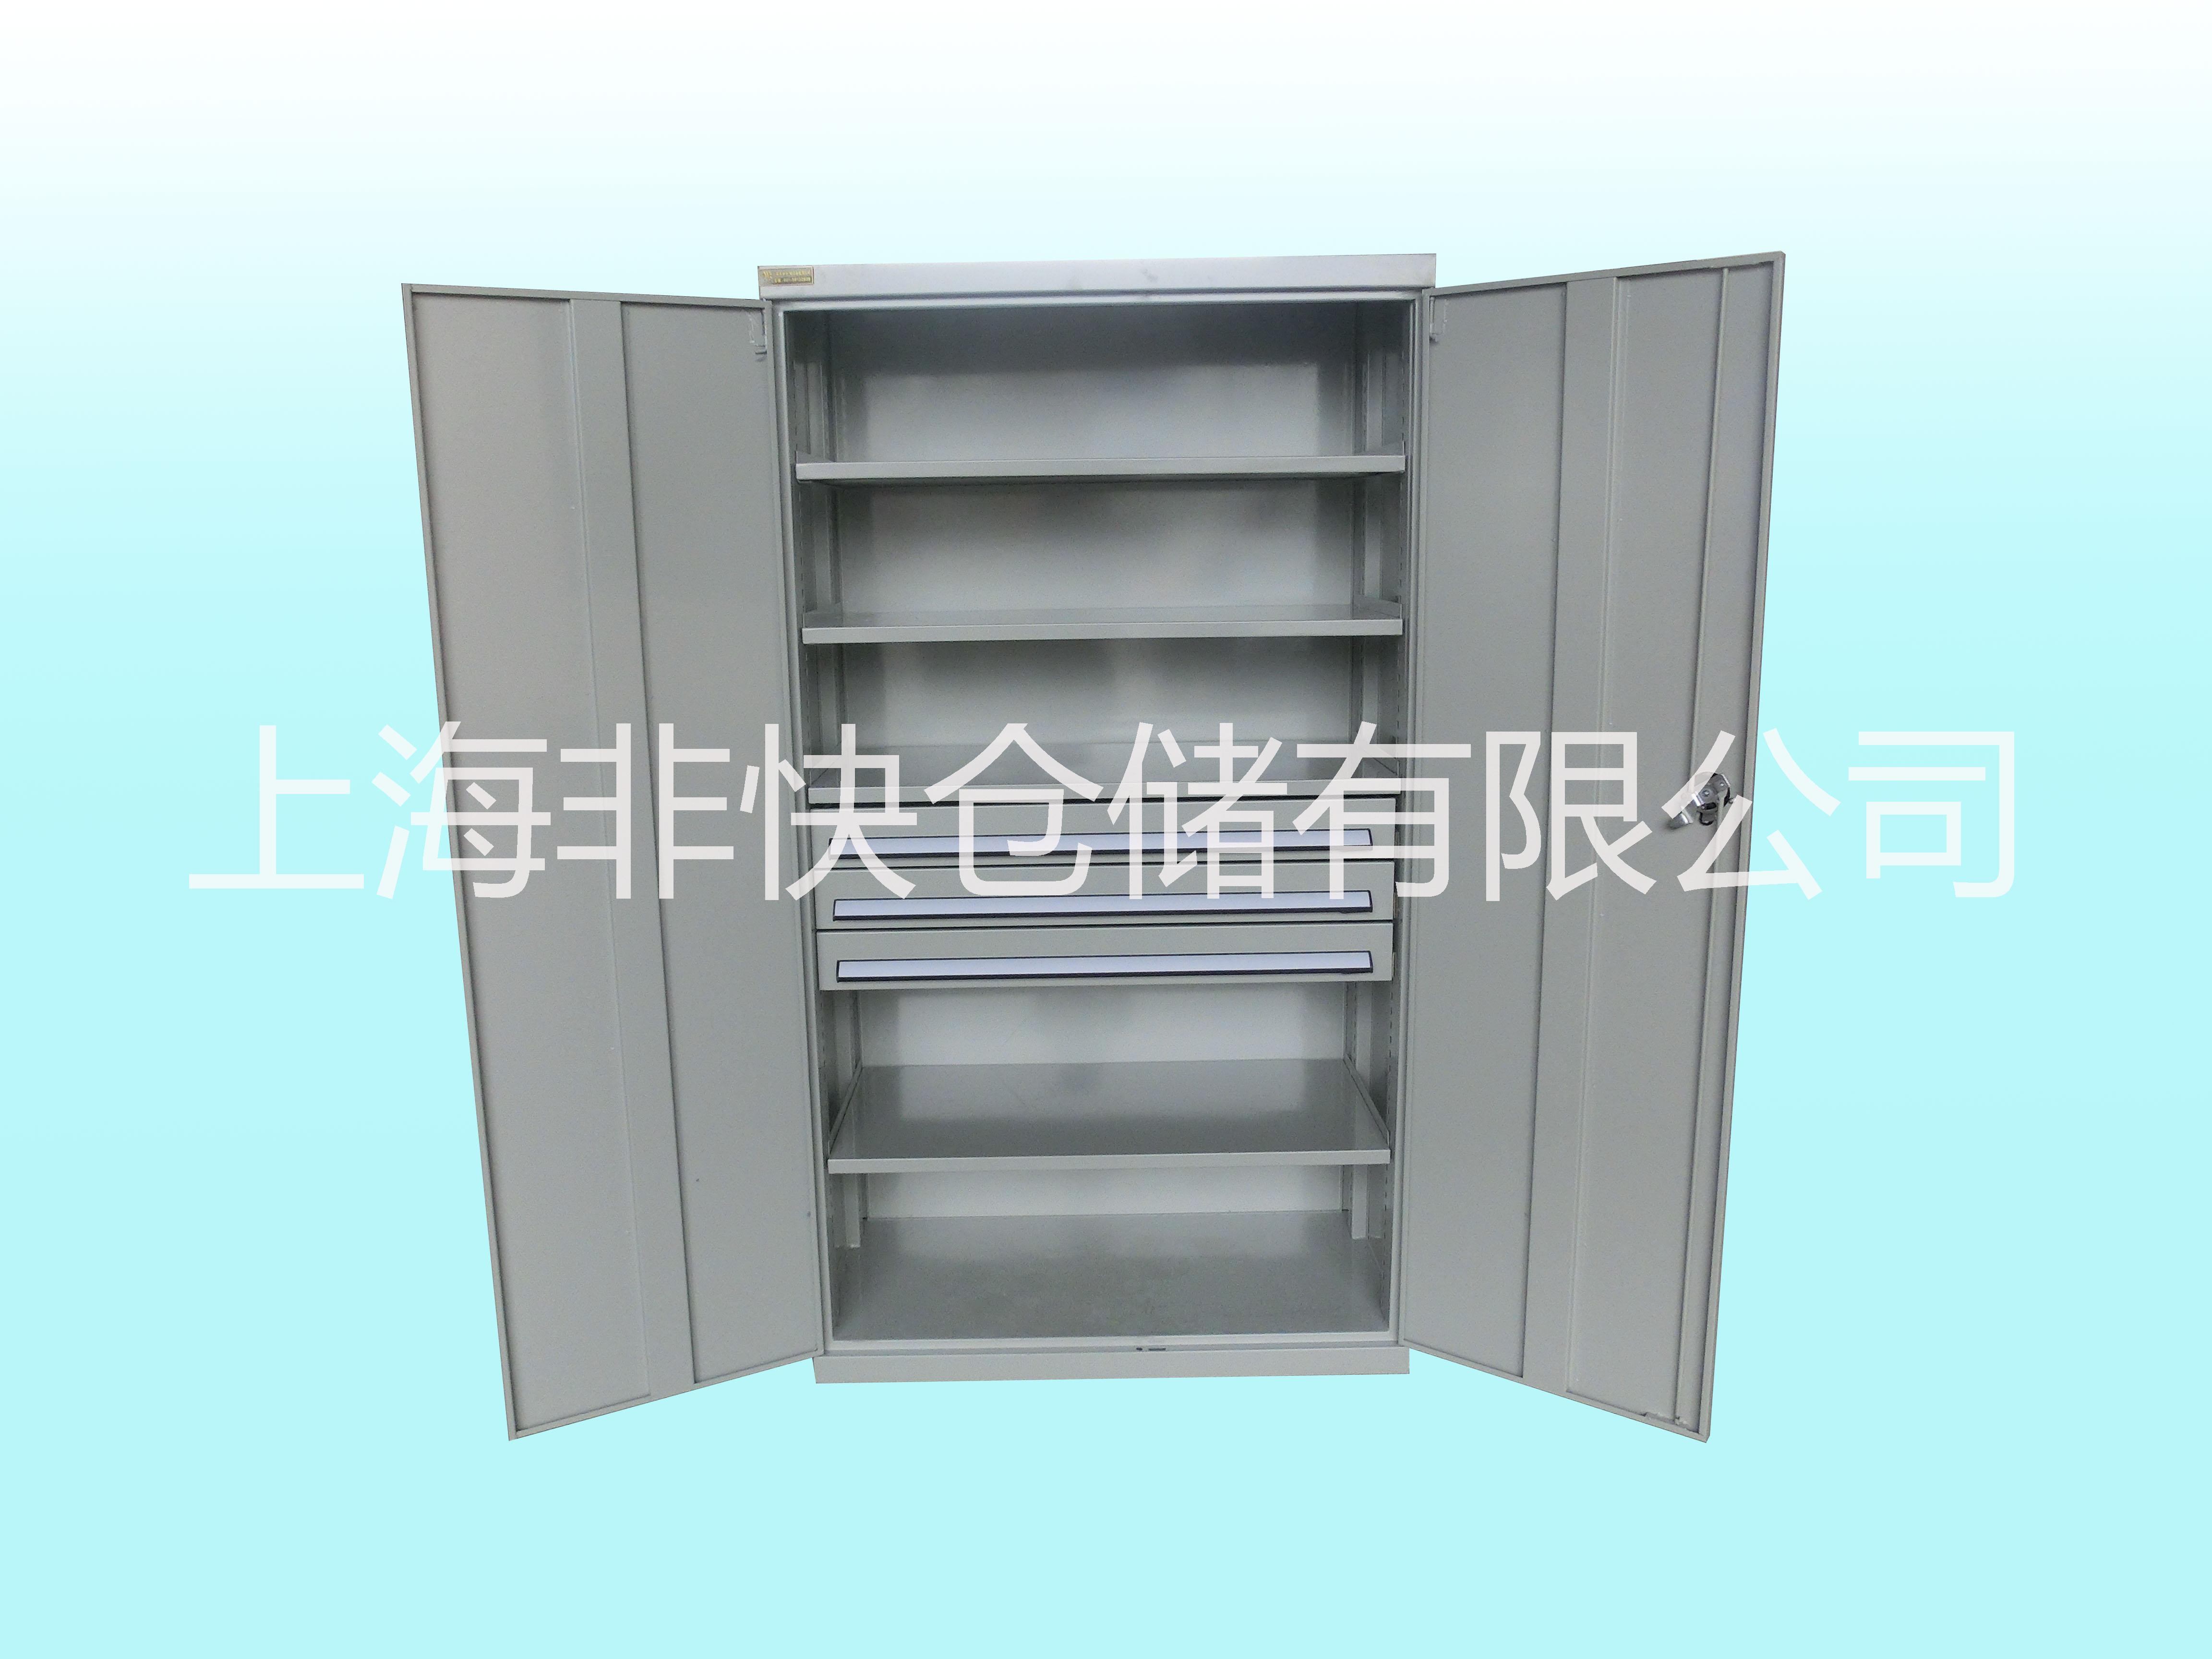 KFX-38文件柜,零件工具柜 KFX-38零件工具柜 KFX-38零件工具柜储物柜